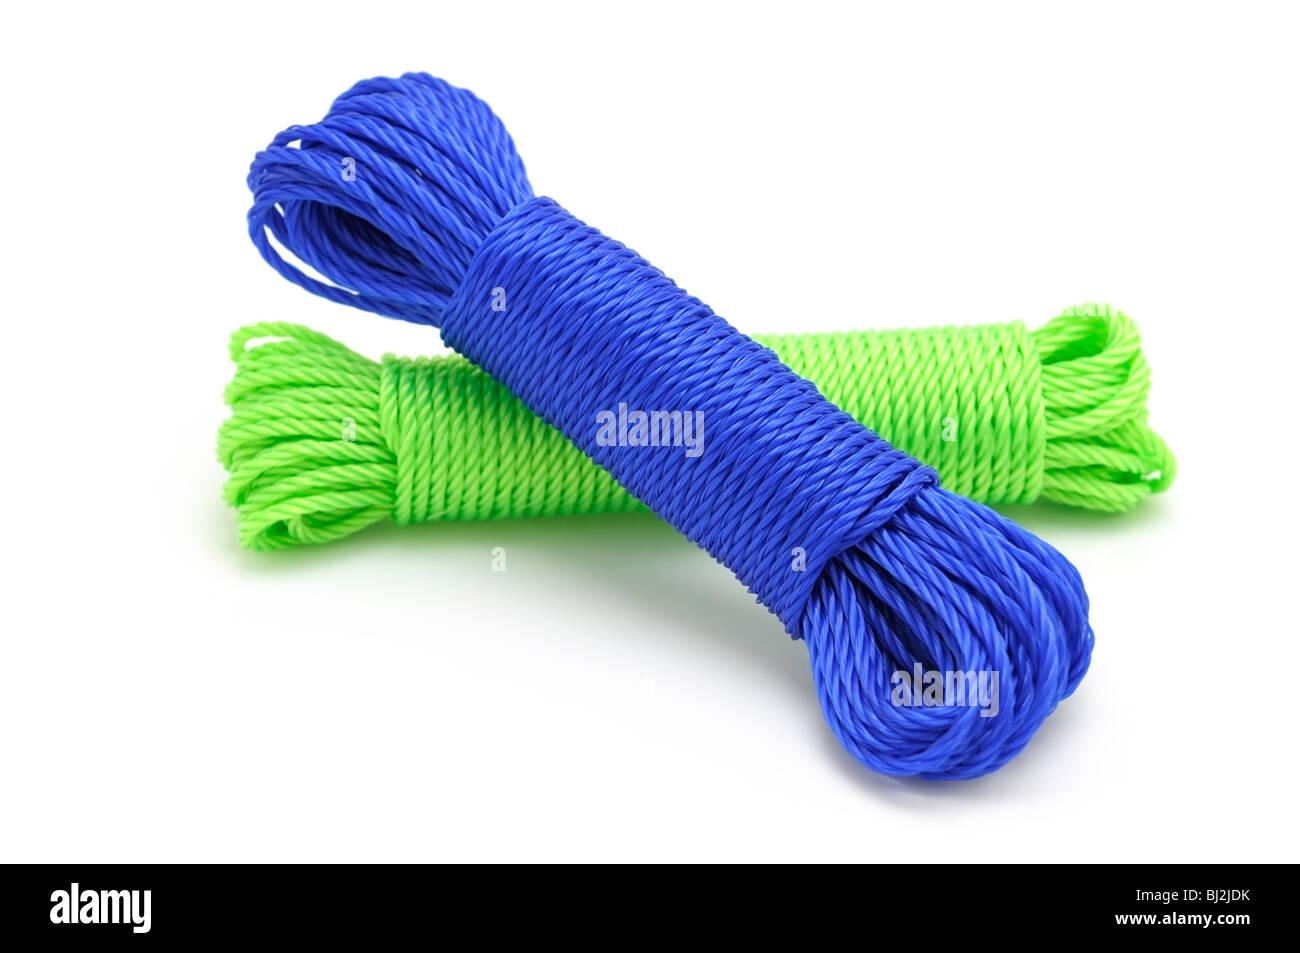 Incluye cuerda de nylon, que se utiliza como una línea de ropa. Foto de stock